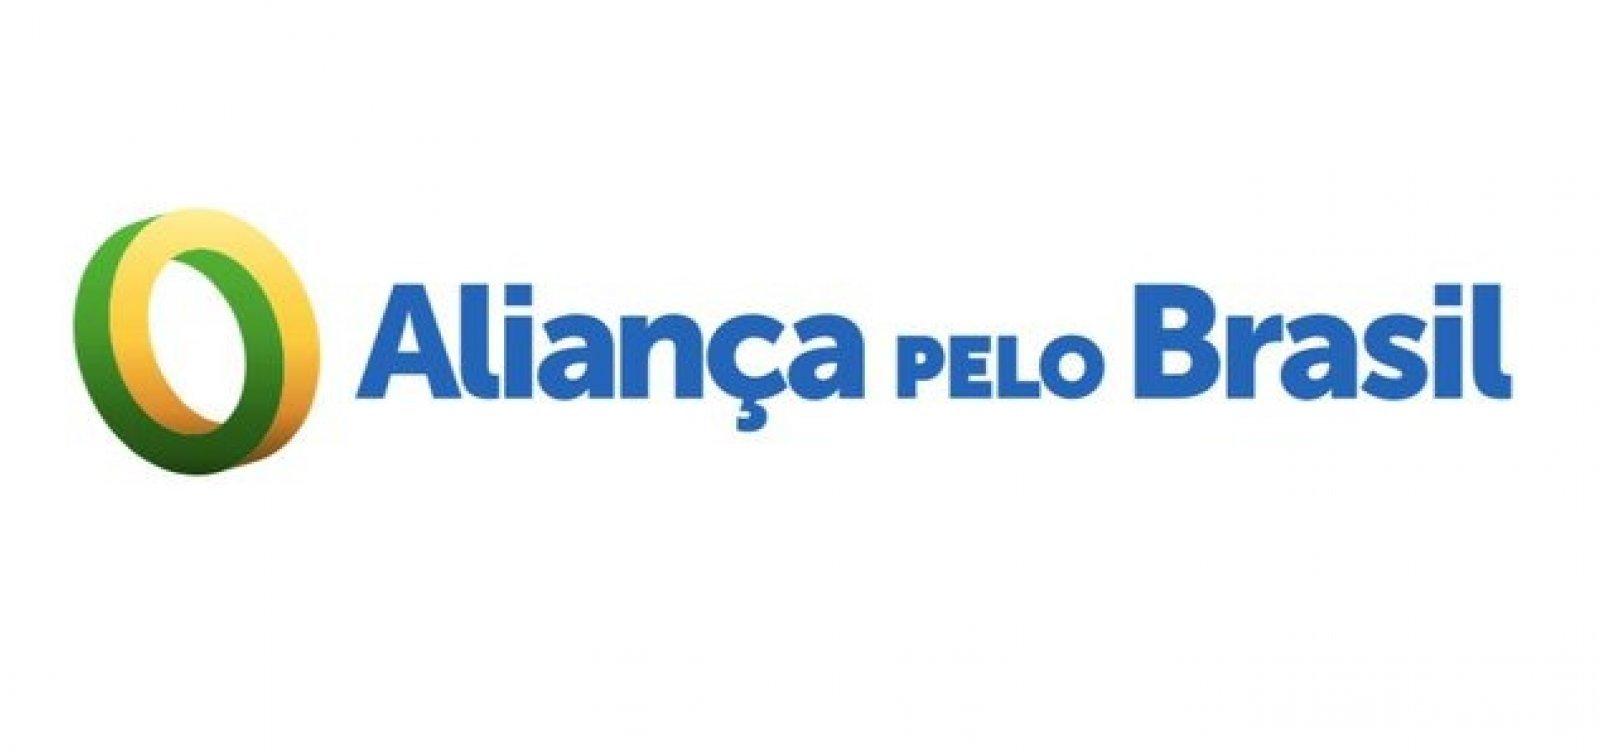 Partido Aliança pelo Brasil defende Deus, armas e oposição ao comunismo